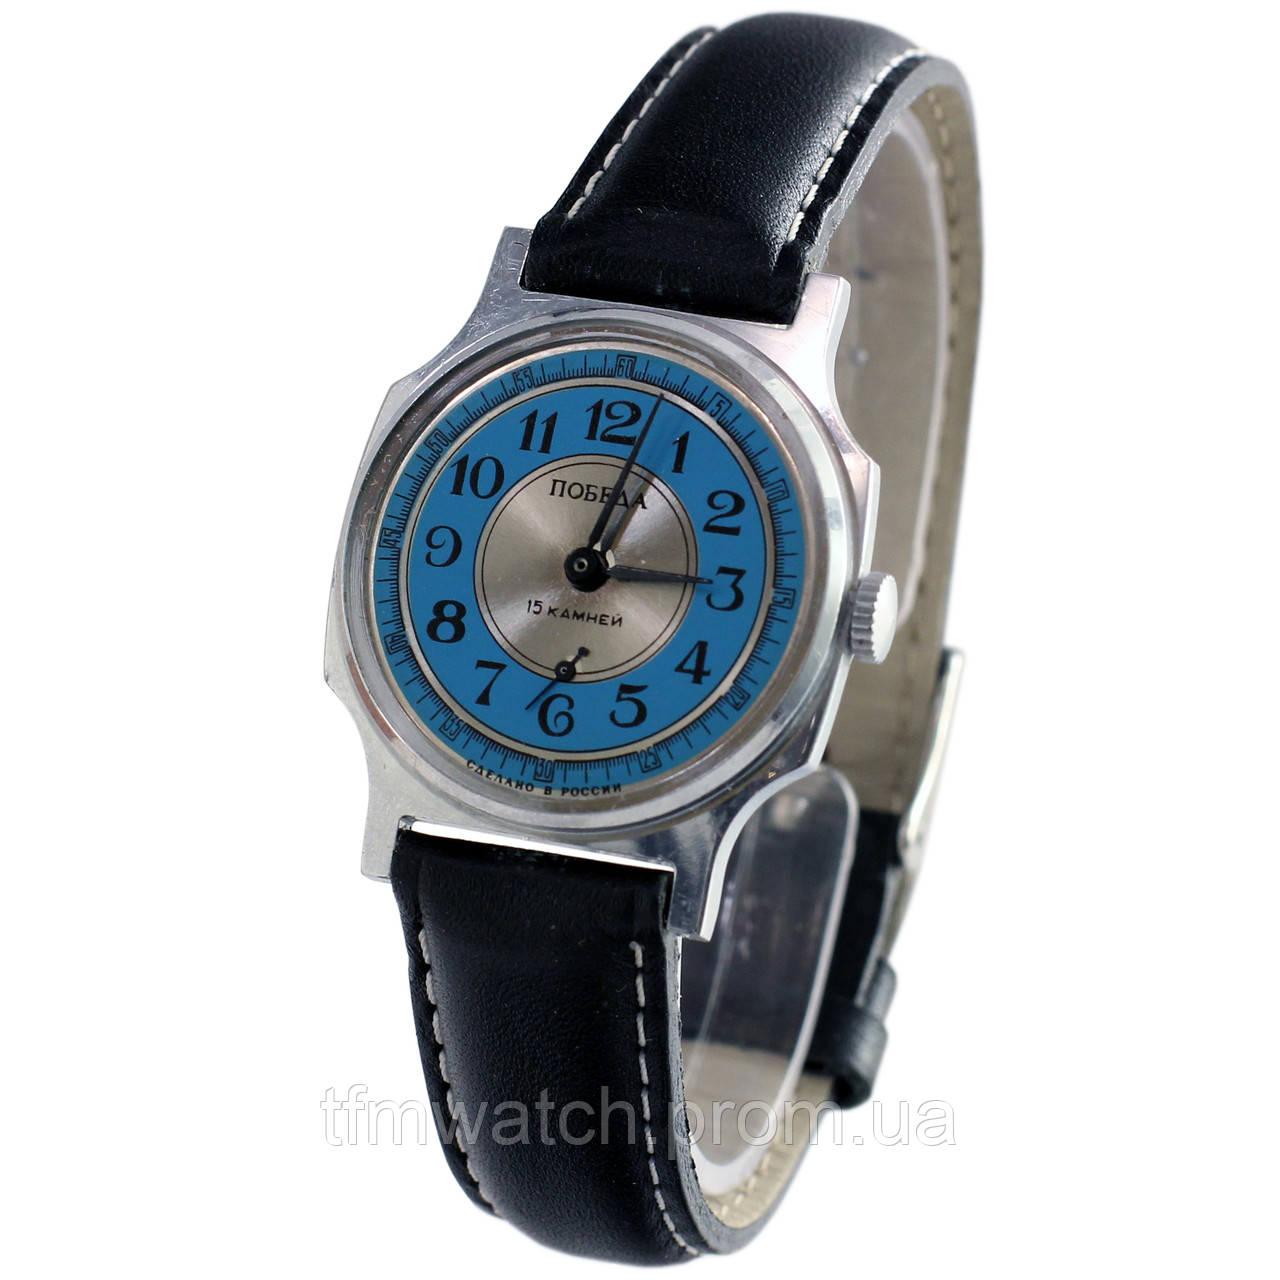 a1624b1d Часы Победа 15 камней сделано в России - Online store Soviet wrist watch - Магазин  старинных